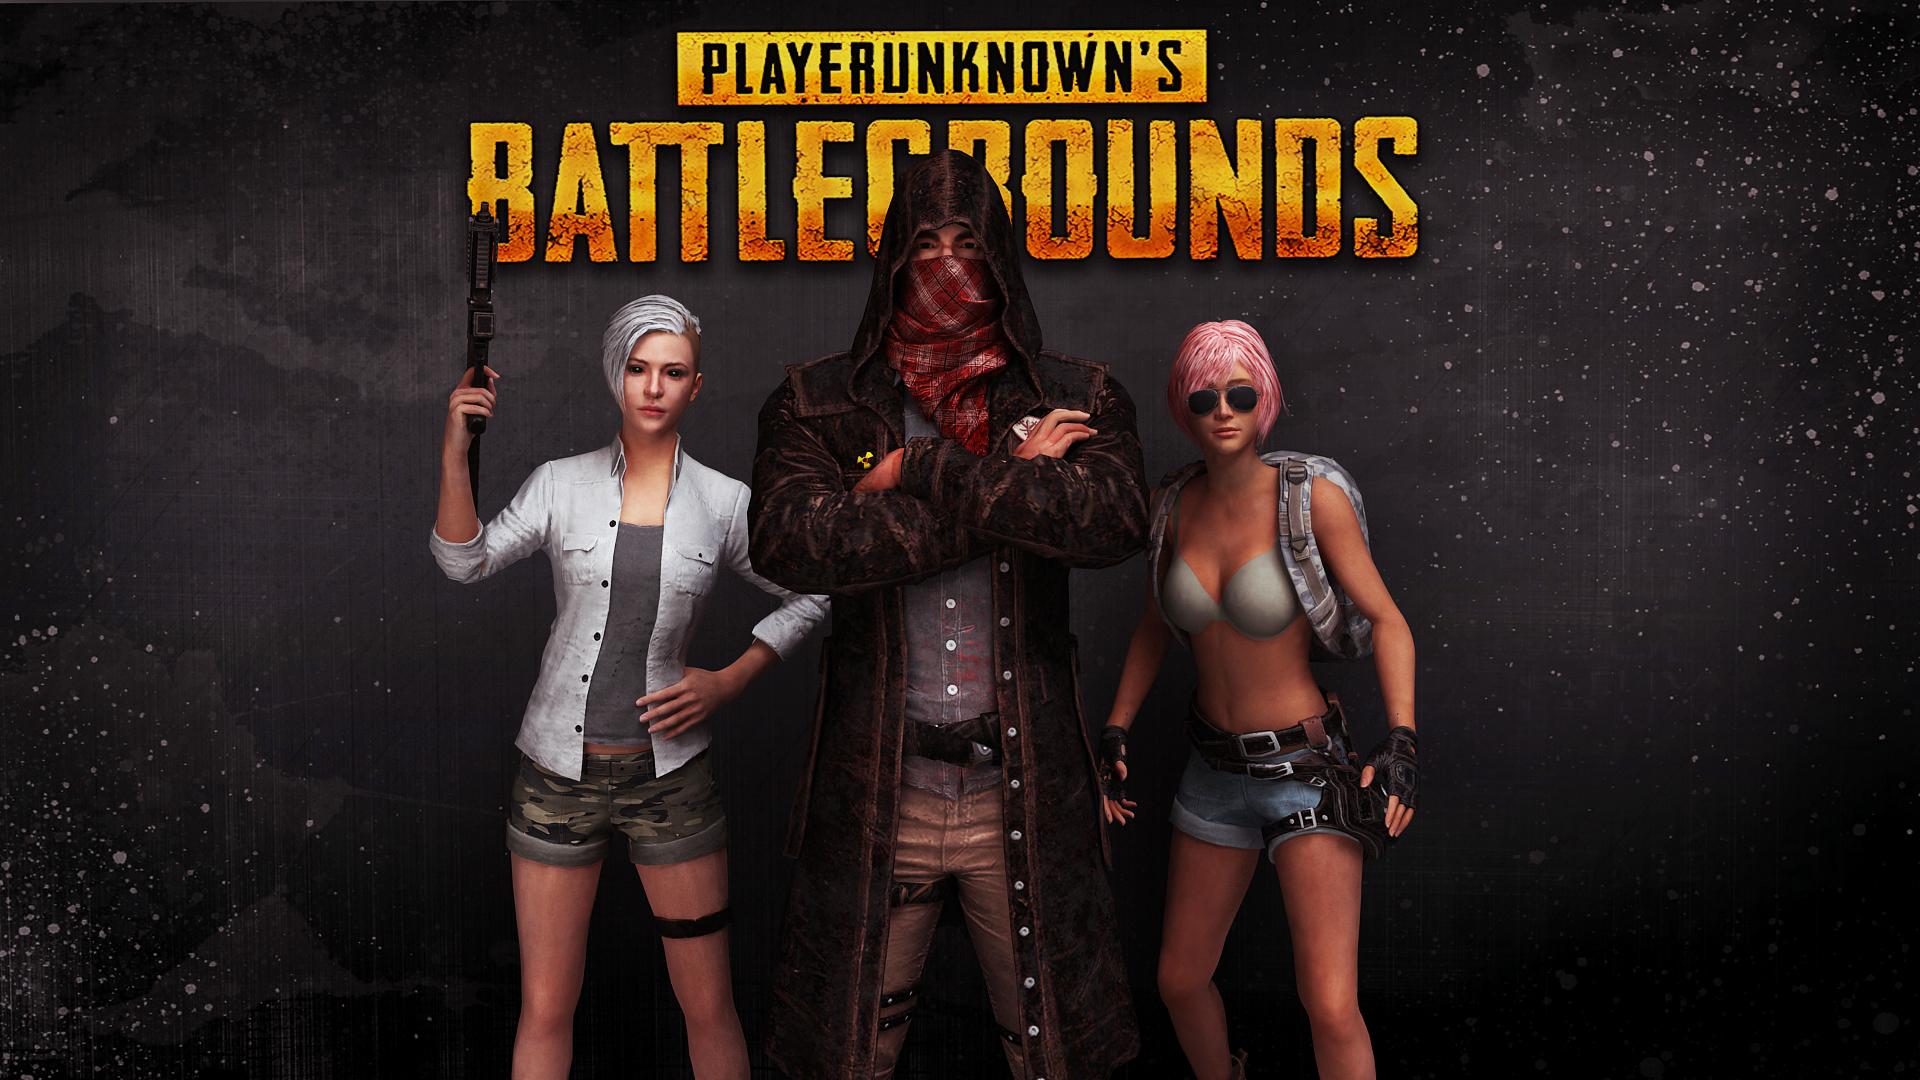 1680x1050 Playerunknowns Battlegrounds Artwork 1680x1050: PlayerUnknown's Battlegrounds Wallpapers, Pictures, Images